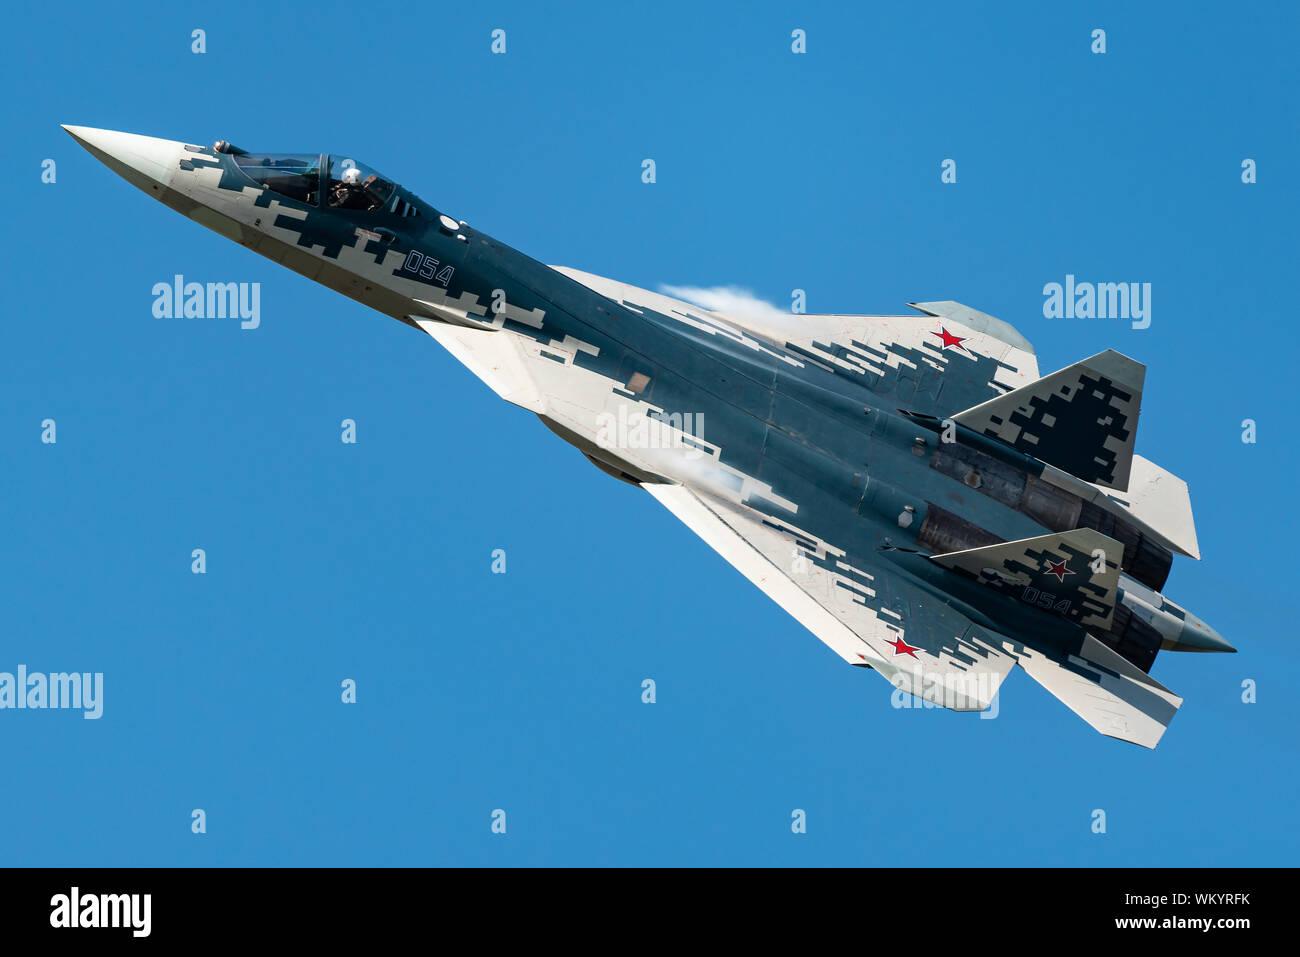 Le Sukhoi Su-57 stealth fighter jet de la Force aérienne russe au salon MAKS airshow 2019. Banque D'Images